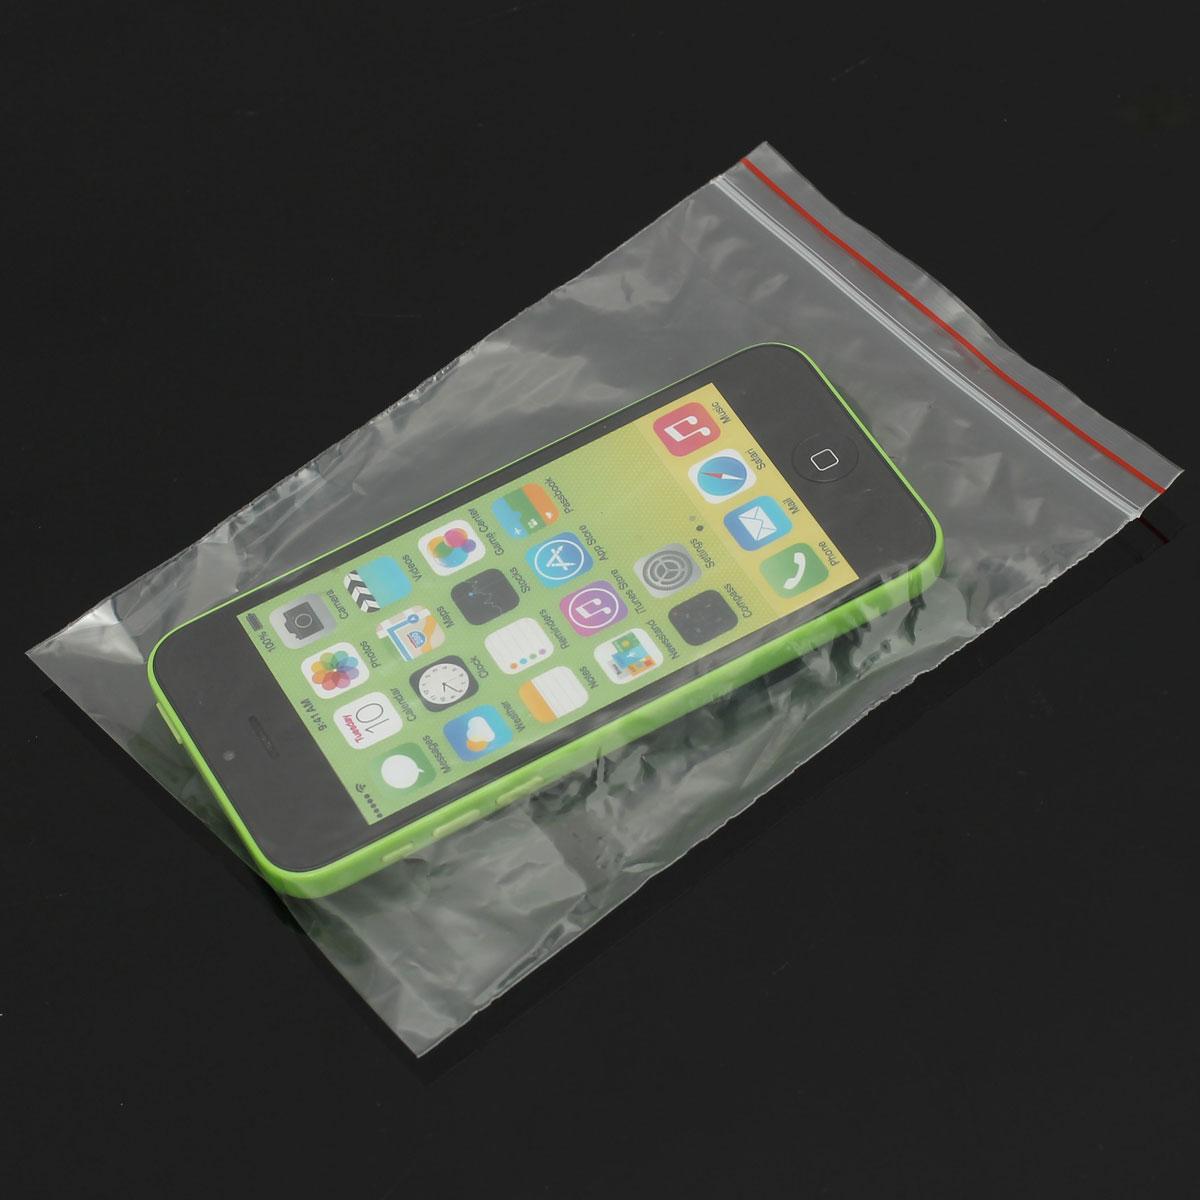 Borse Di Plastica Di Moda : Pcs borse di serratura cerniera chiare trasparenti